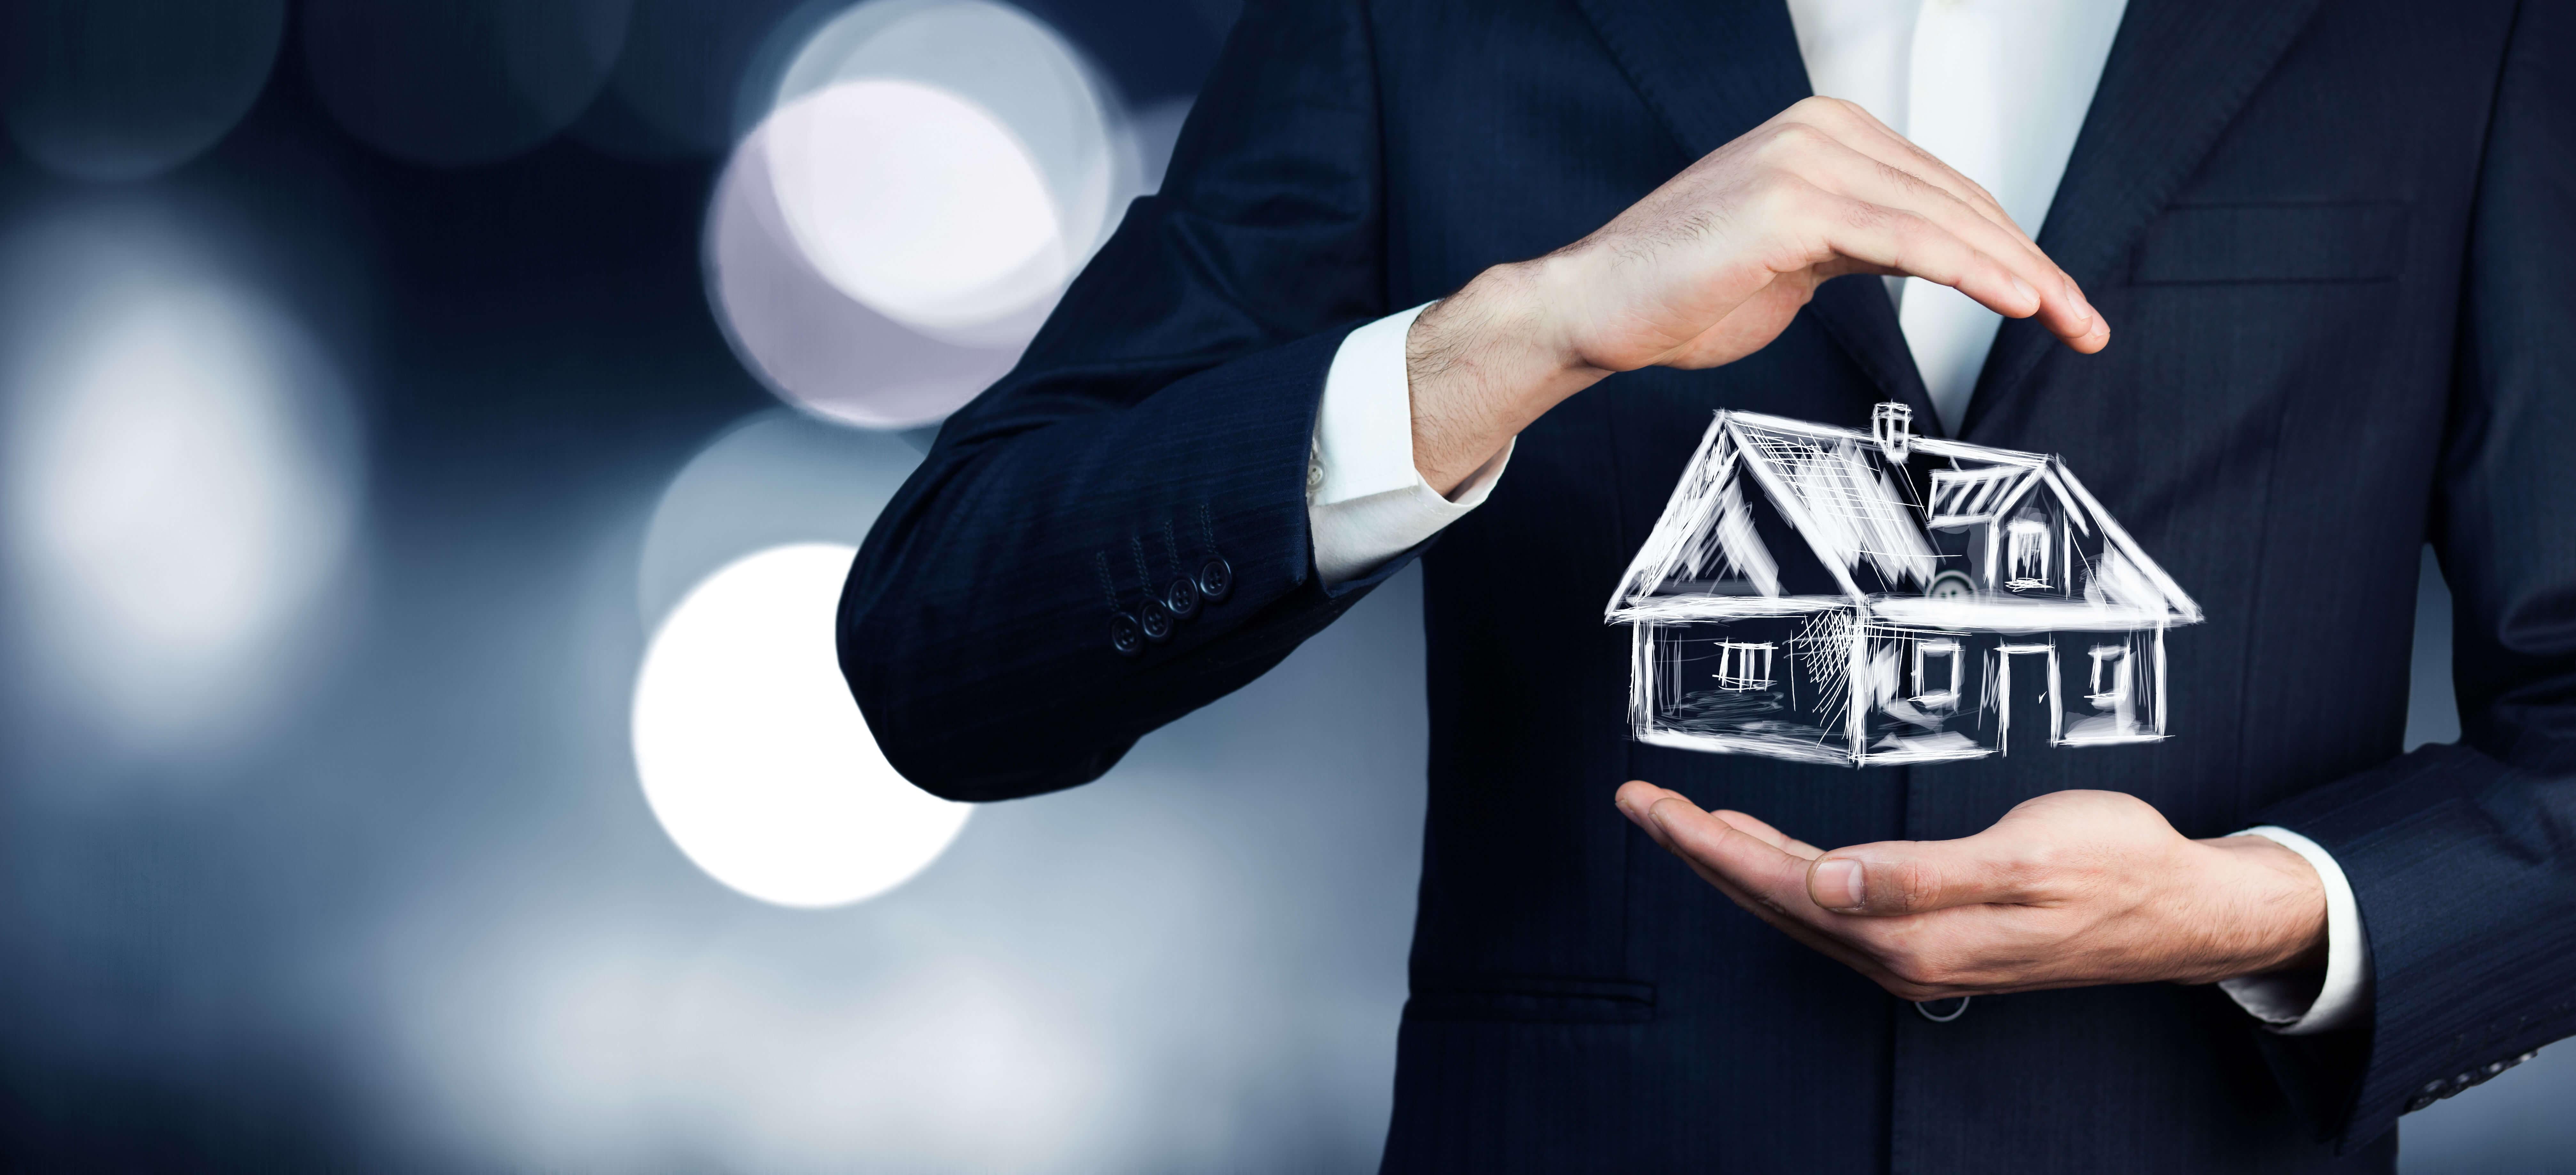 fbto hypotheek ga ik aflossen of oversluiten advies